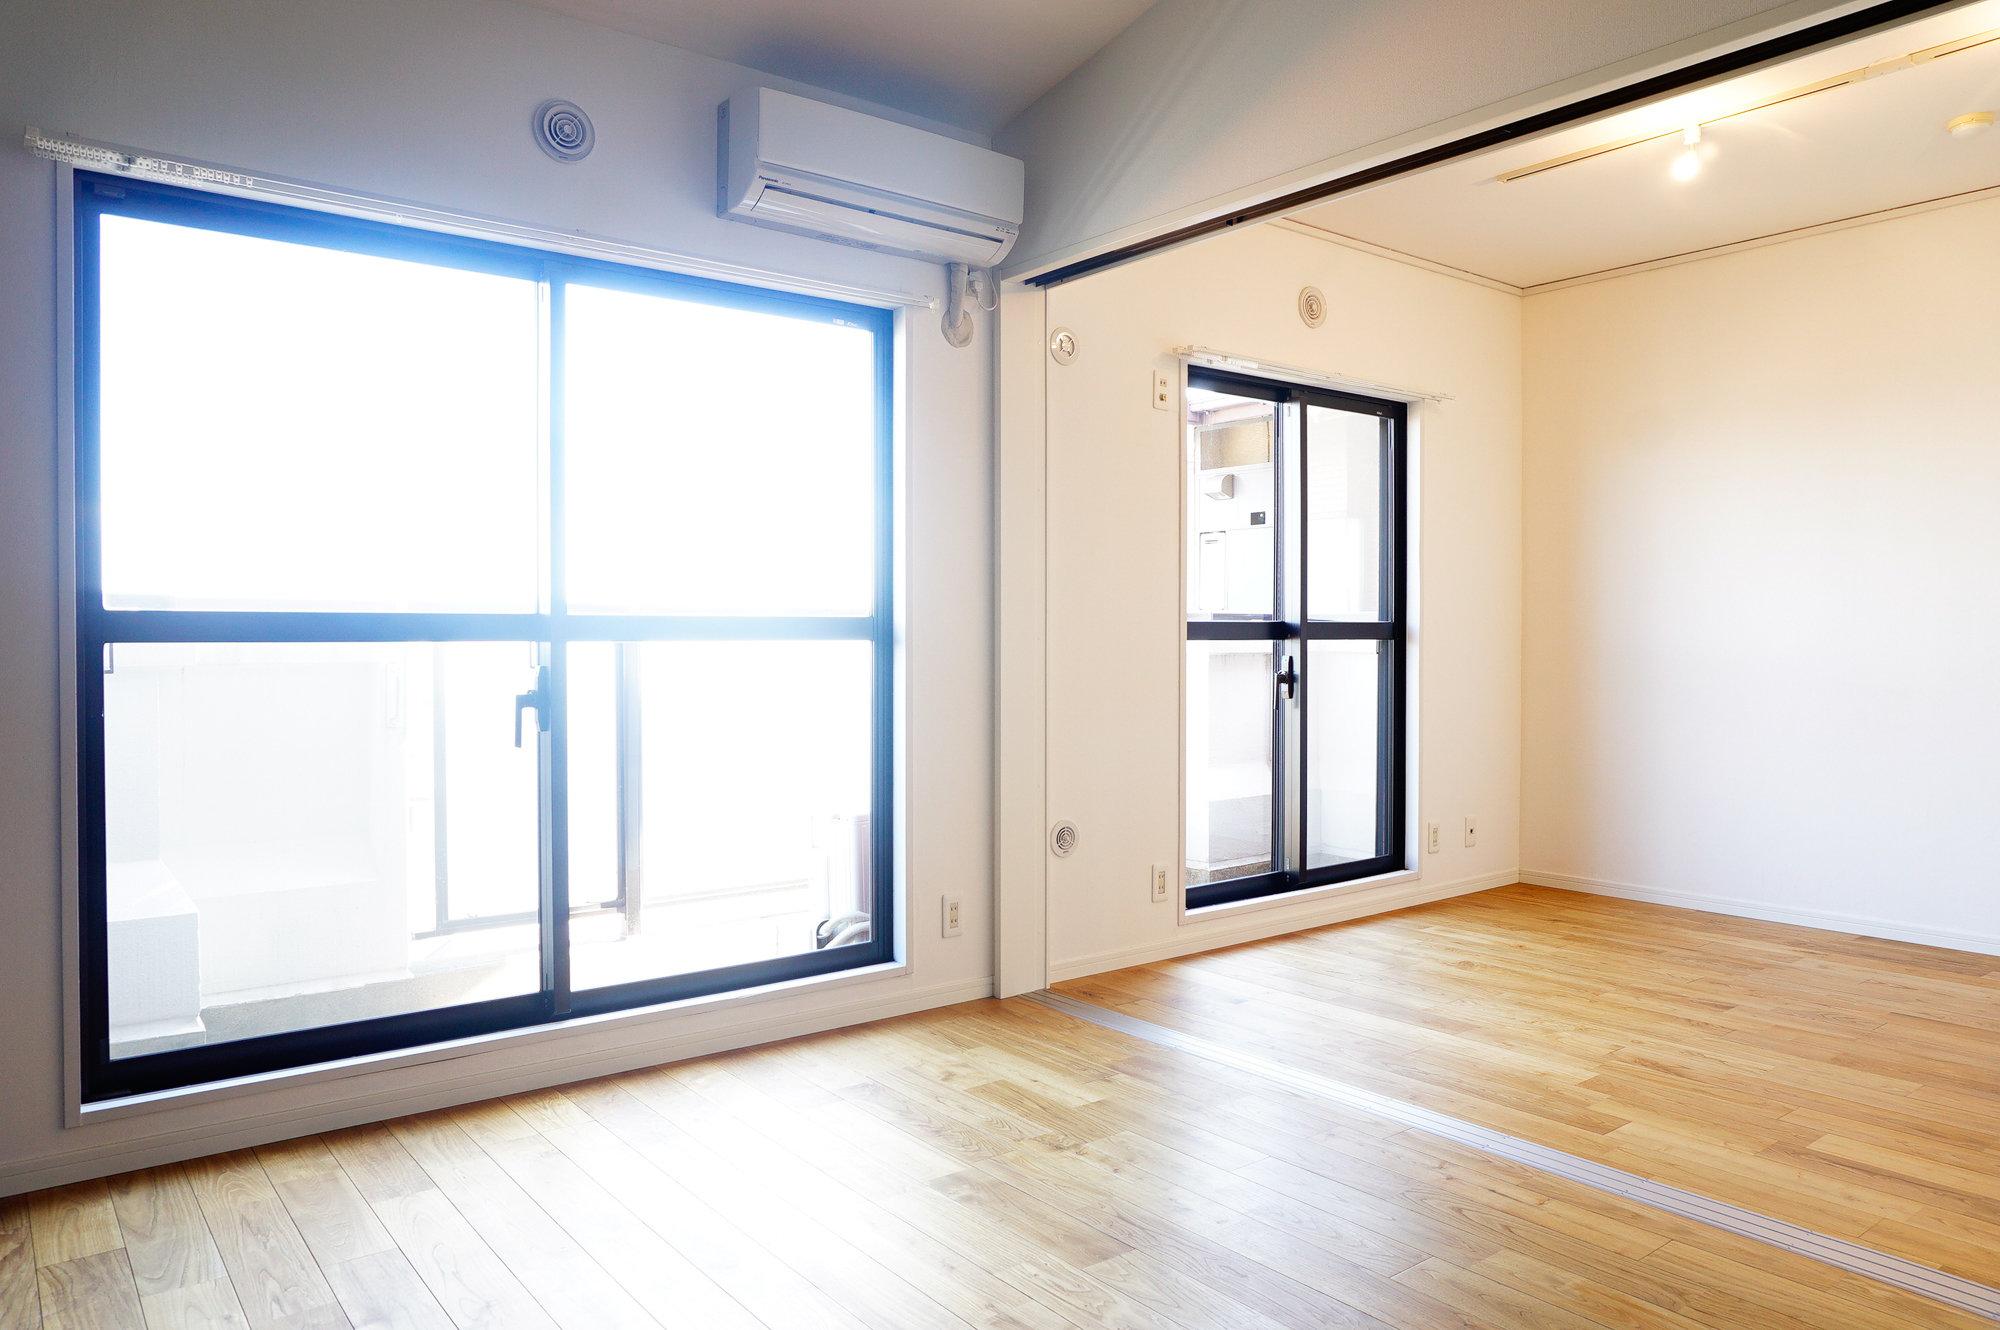 リビングと隣の部屋の仕切りを外して使えば、なんと22㎡の広々リビングに!窓からの明るさも、申し分なしですね。